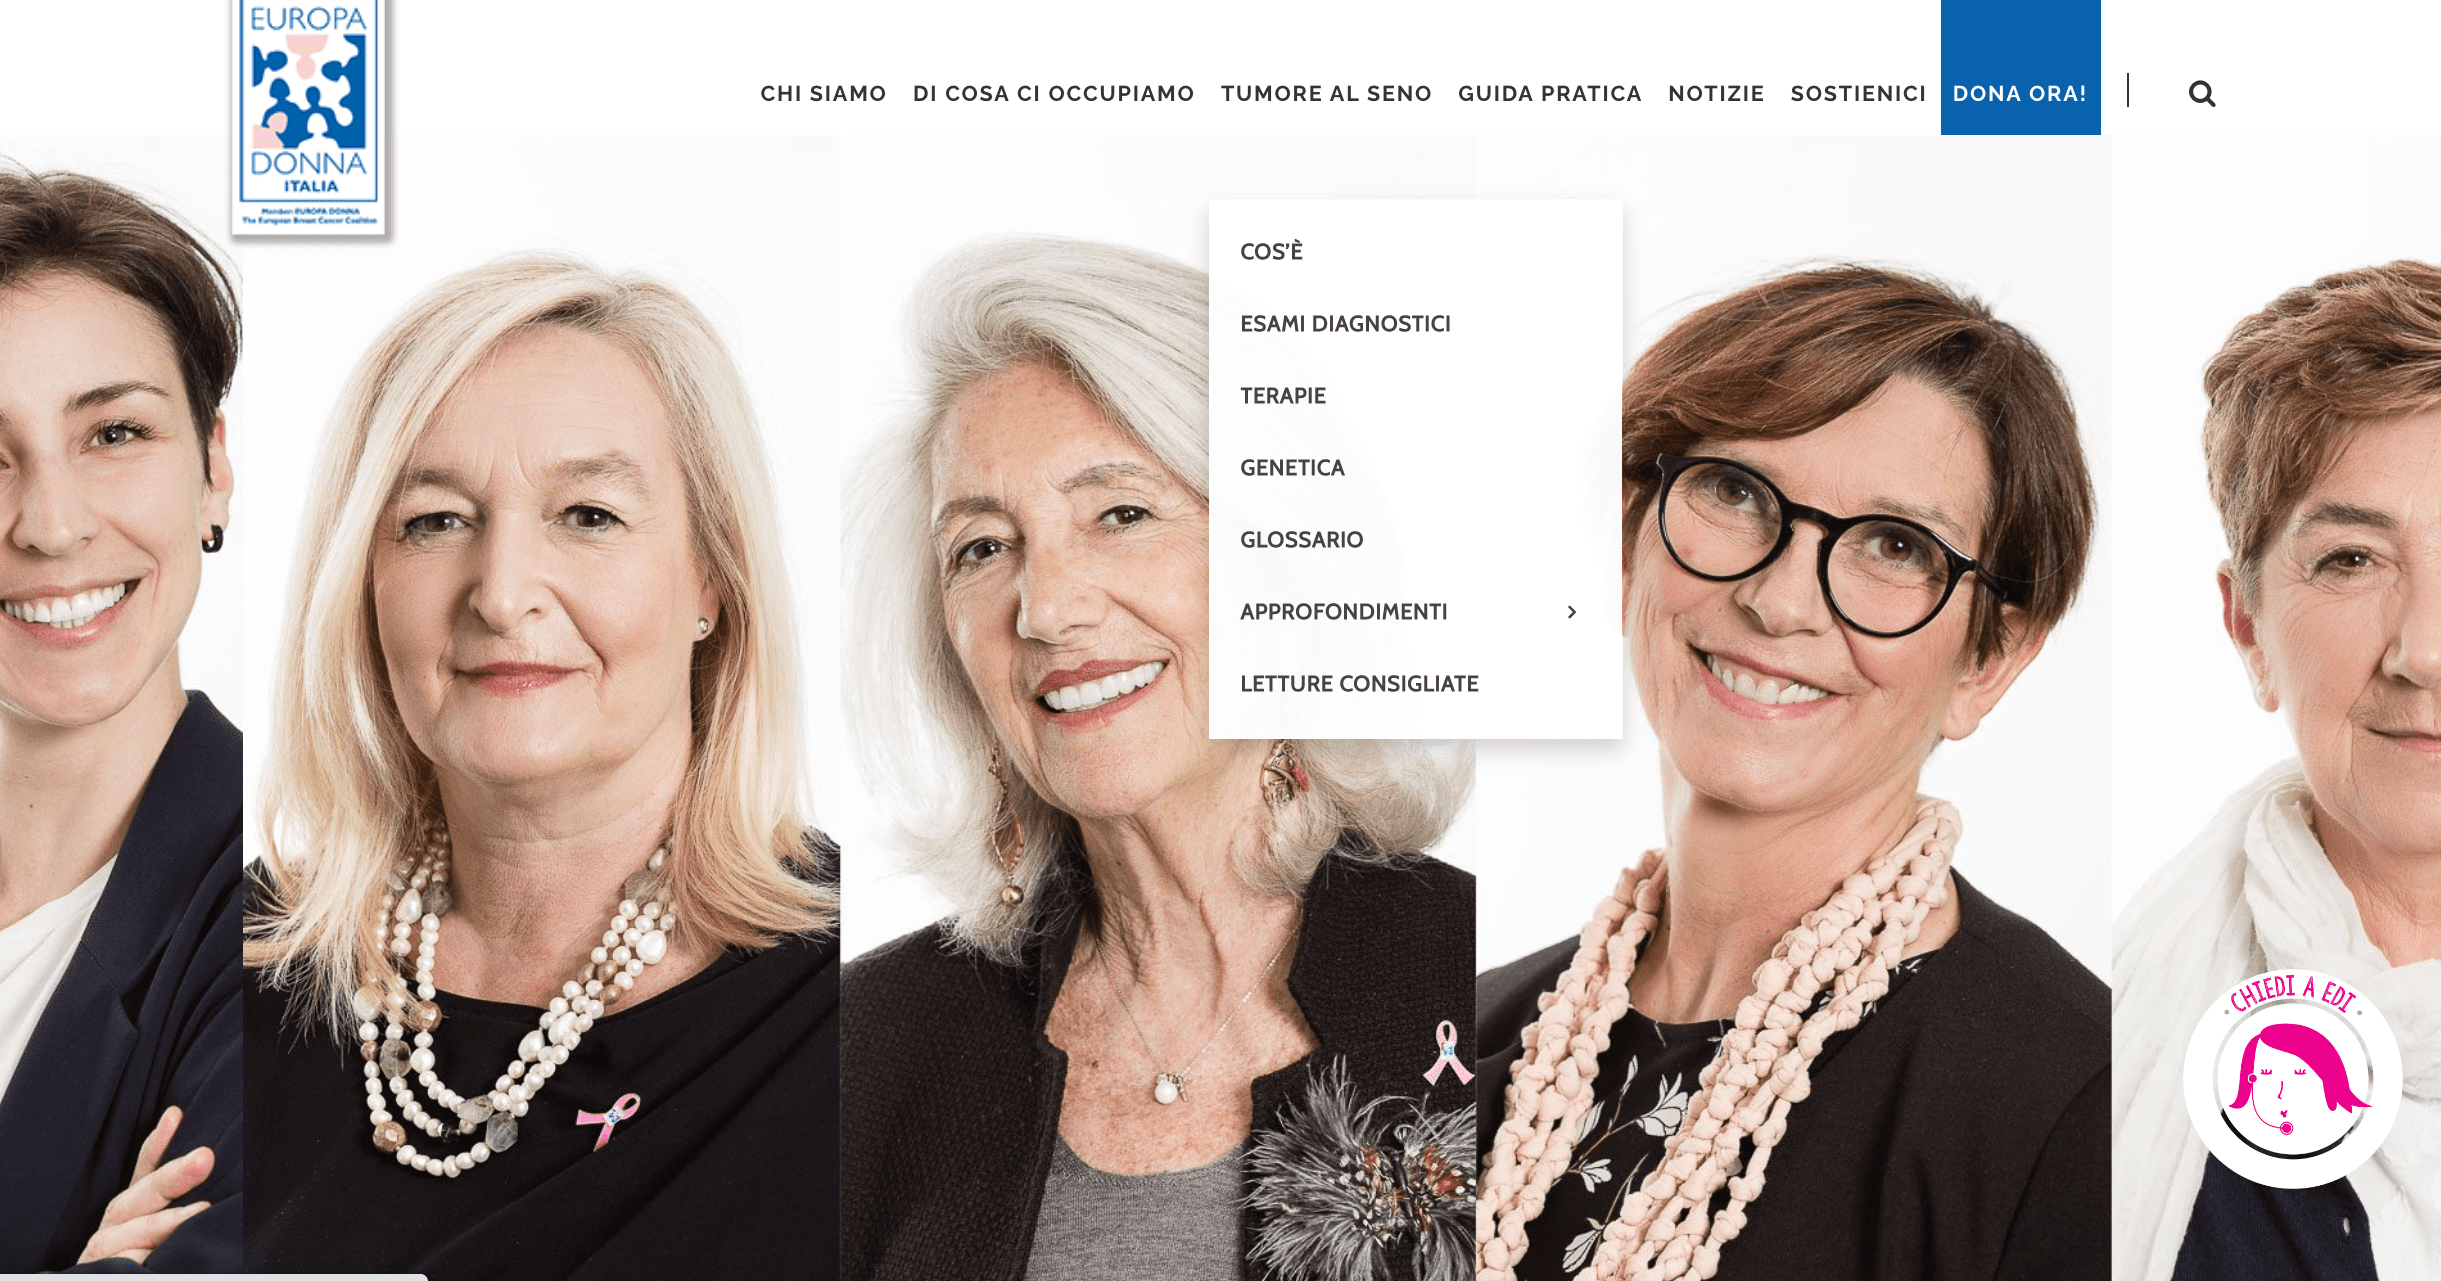 La guida pratica del tumore al seno-Europa Donna Italia